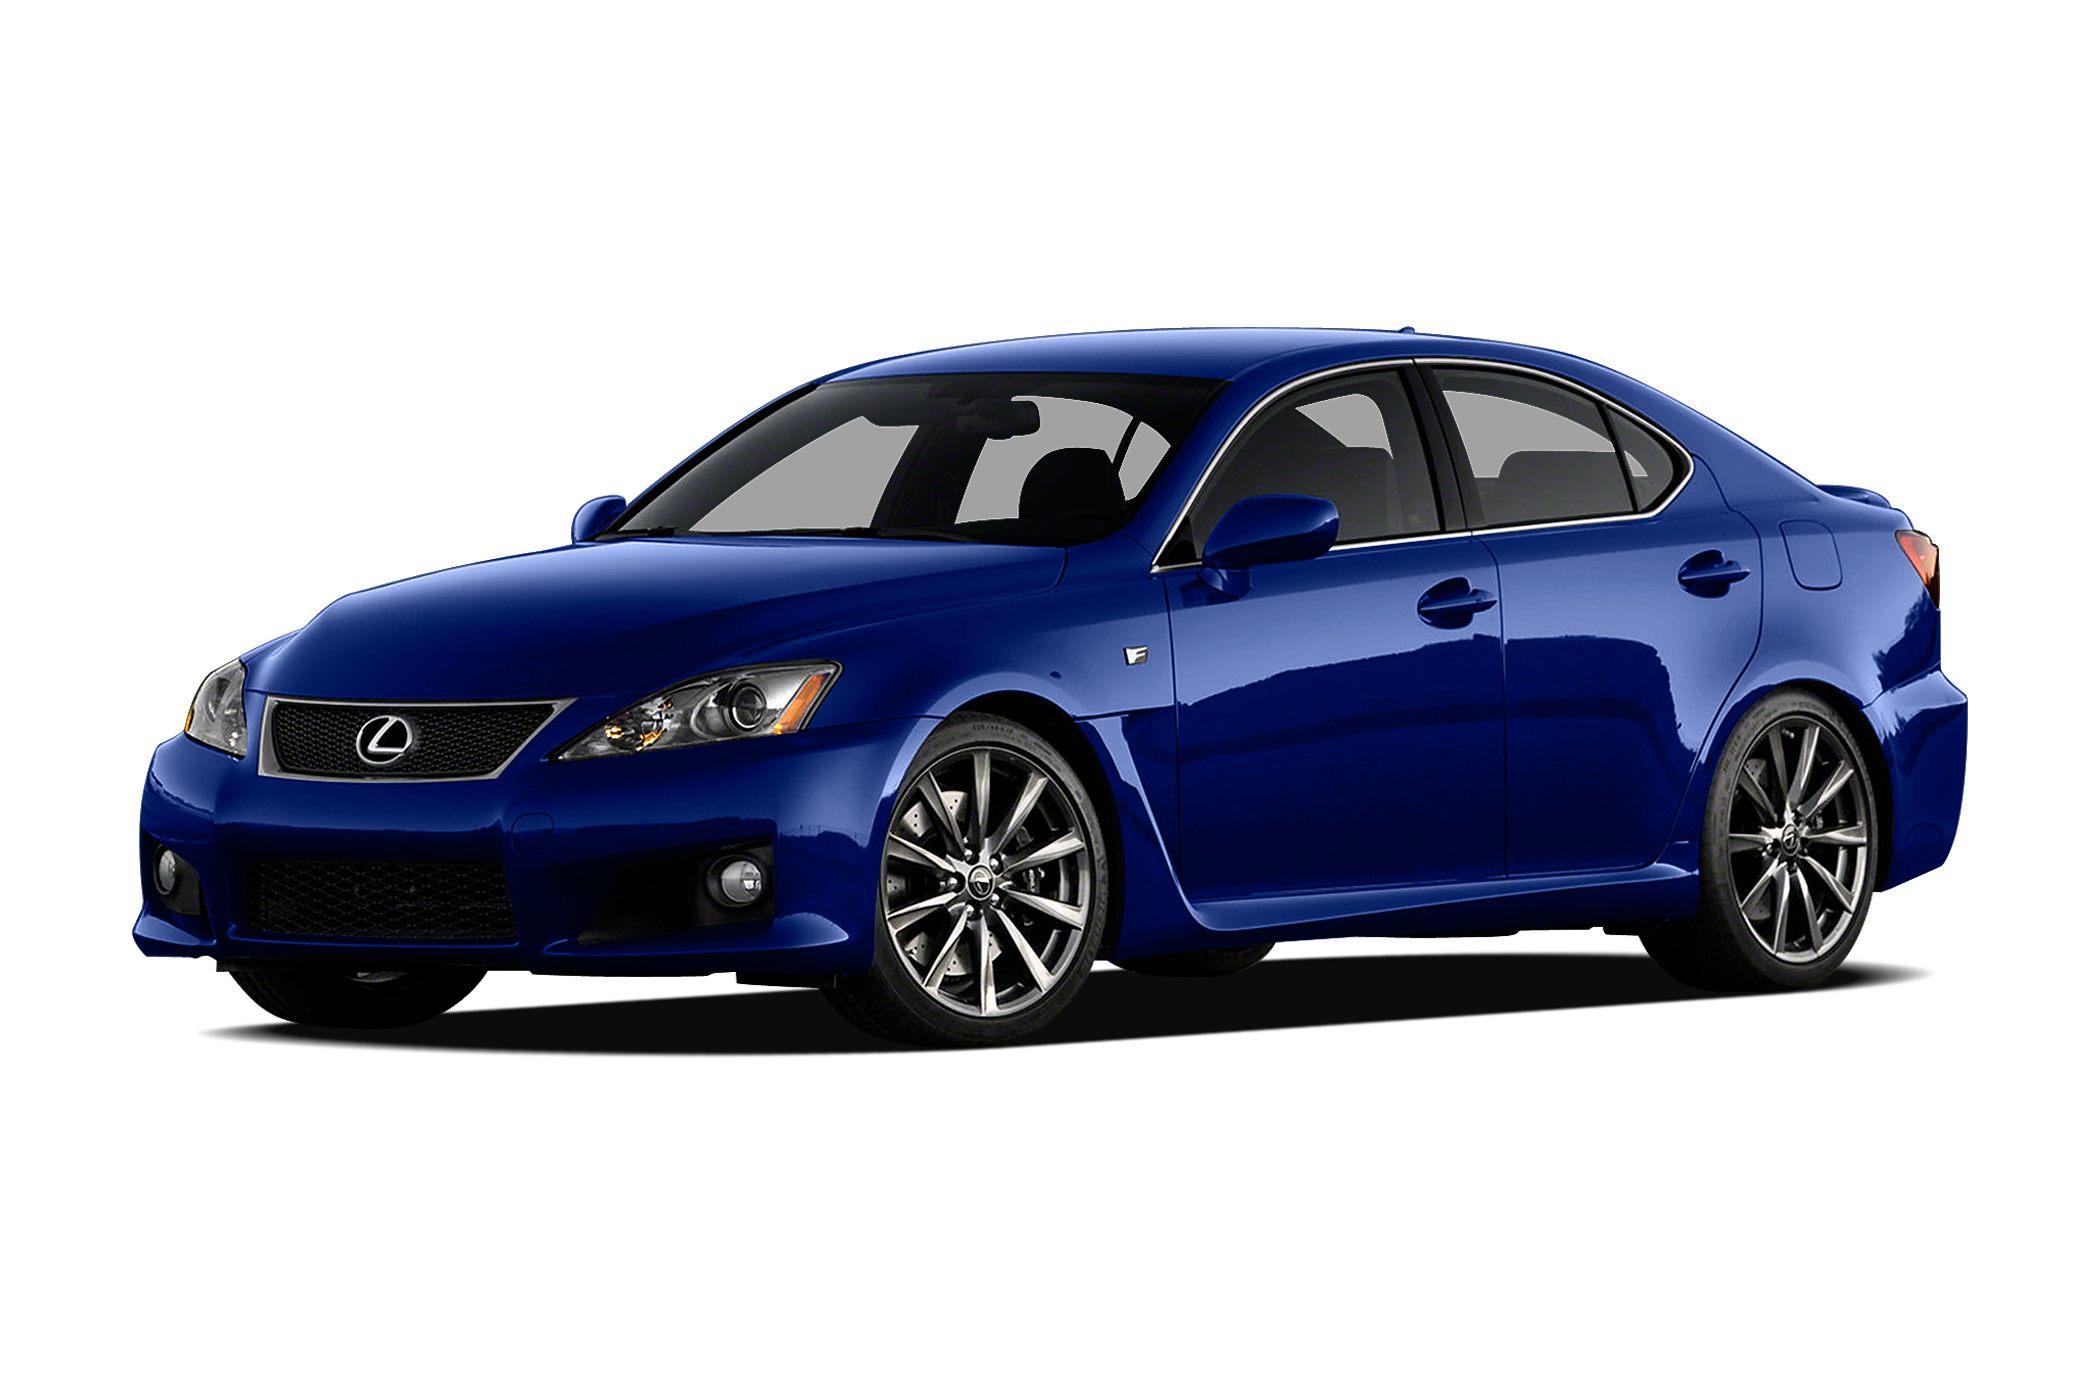 2012 Lexus IS-F